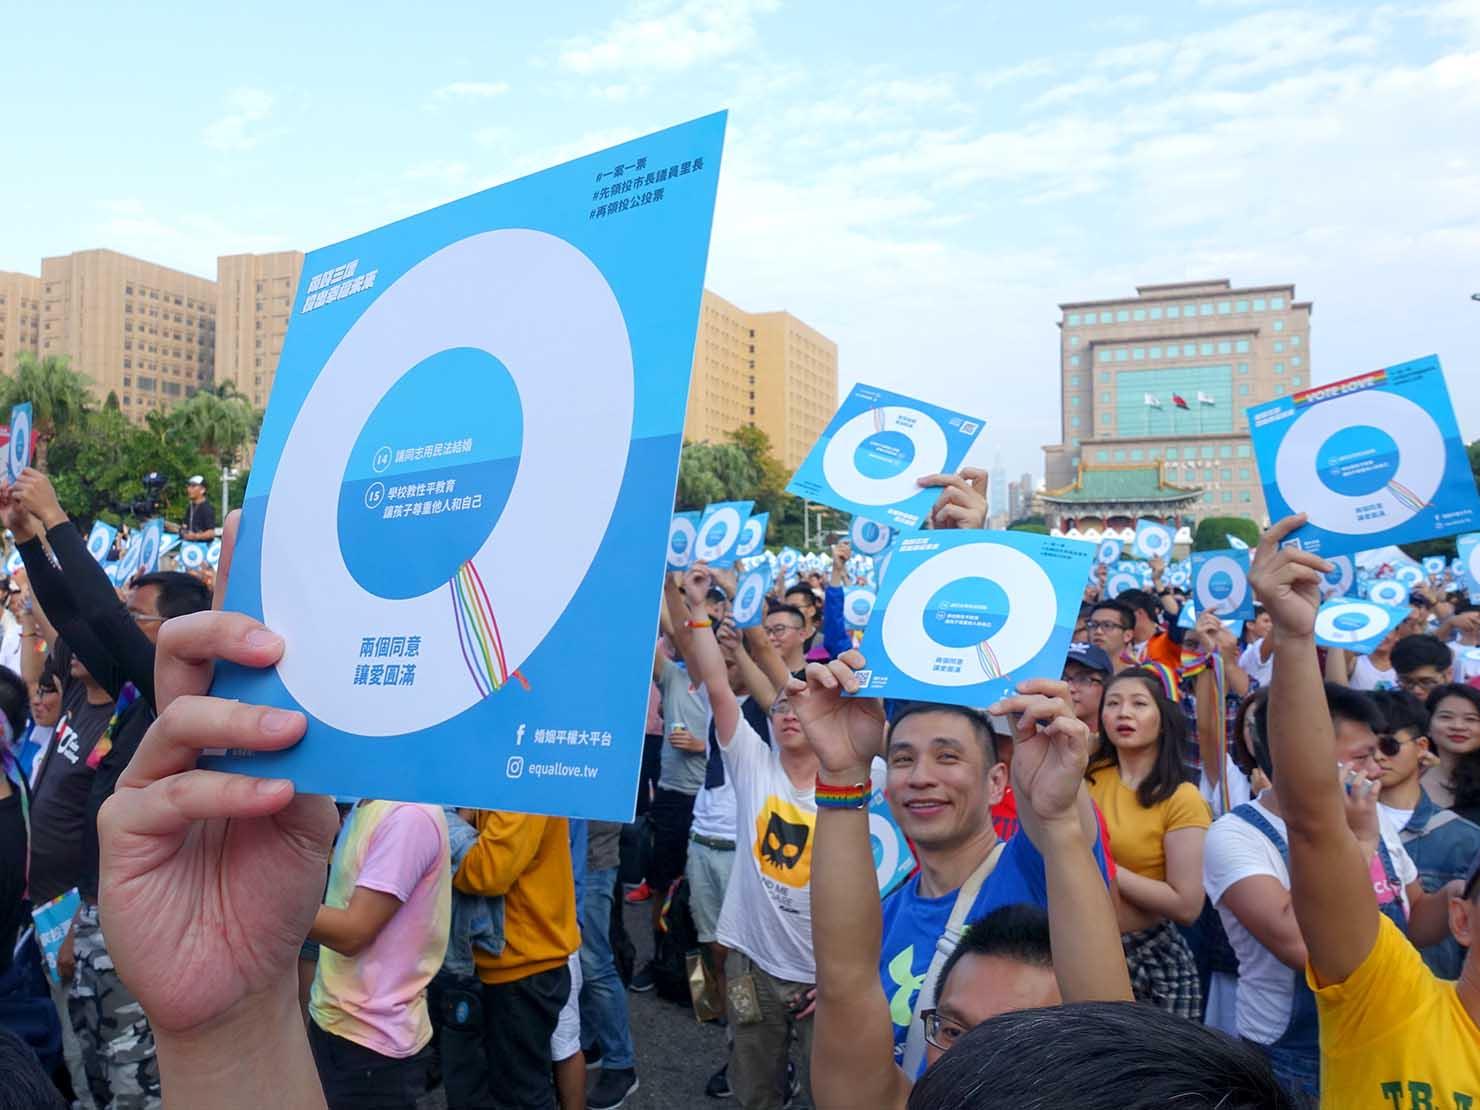 台湾のLGBT音楽イベント『為愛返家音樂會』の会場でマルを掲げる参加者たち